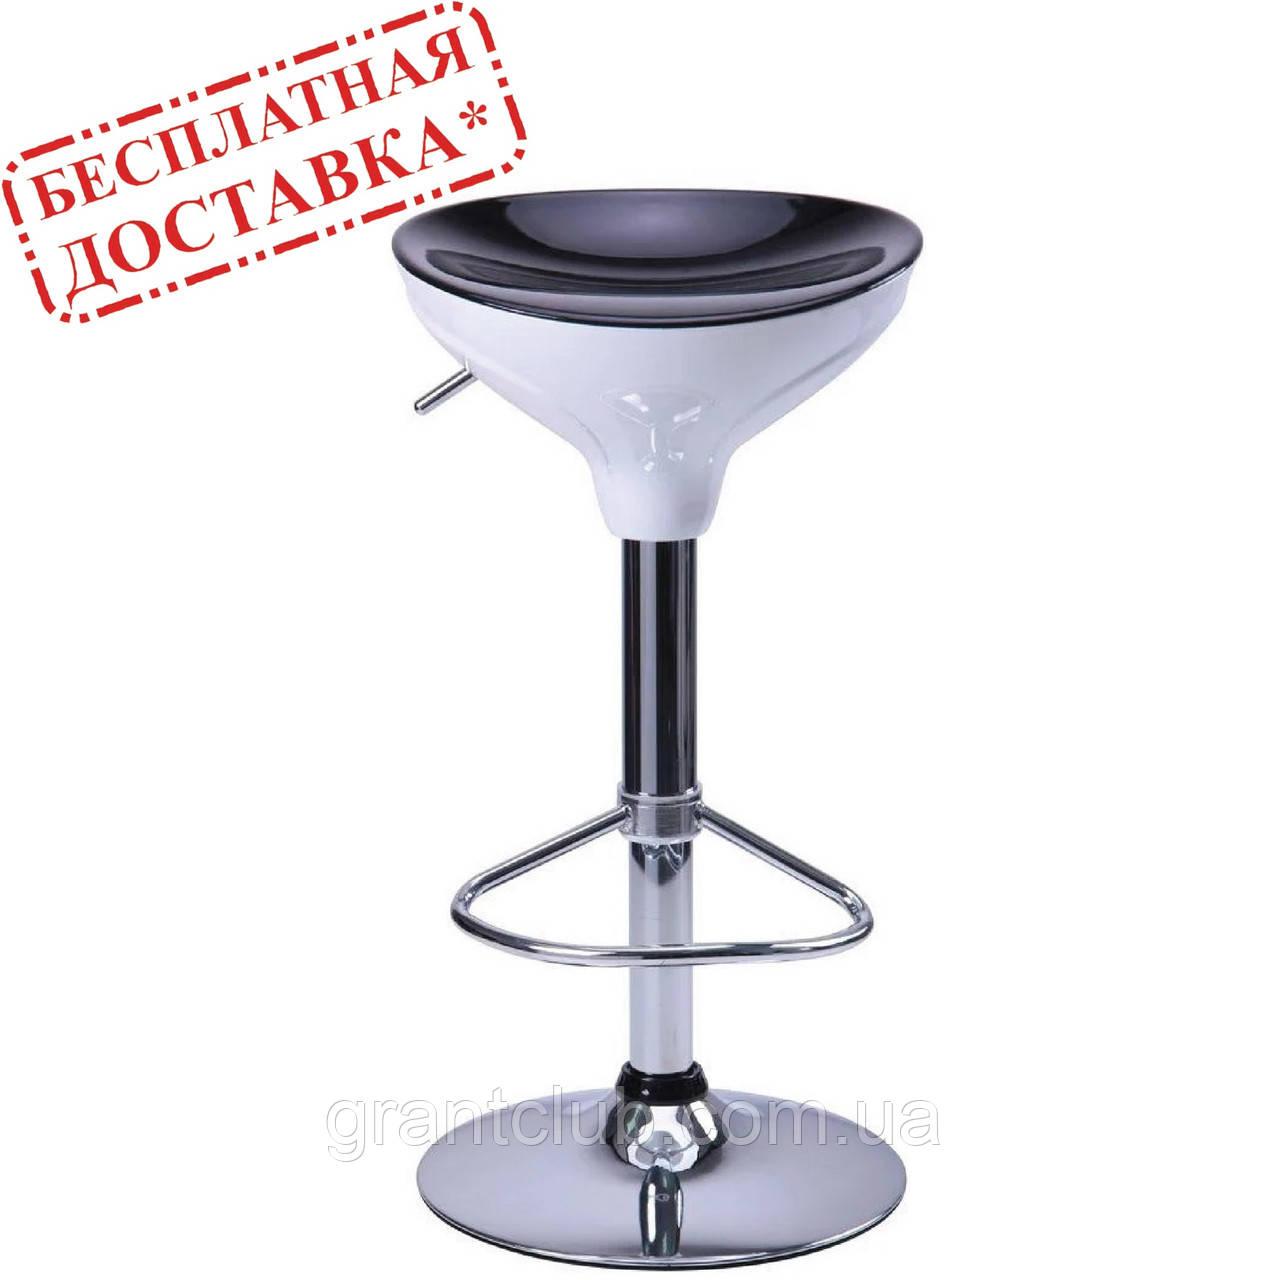 Стілець барний хокер ALBA чорний AMF (безкоштовна адресна доставка)